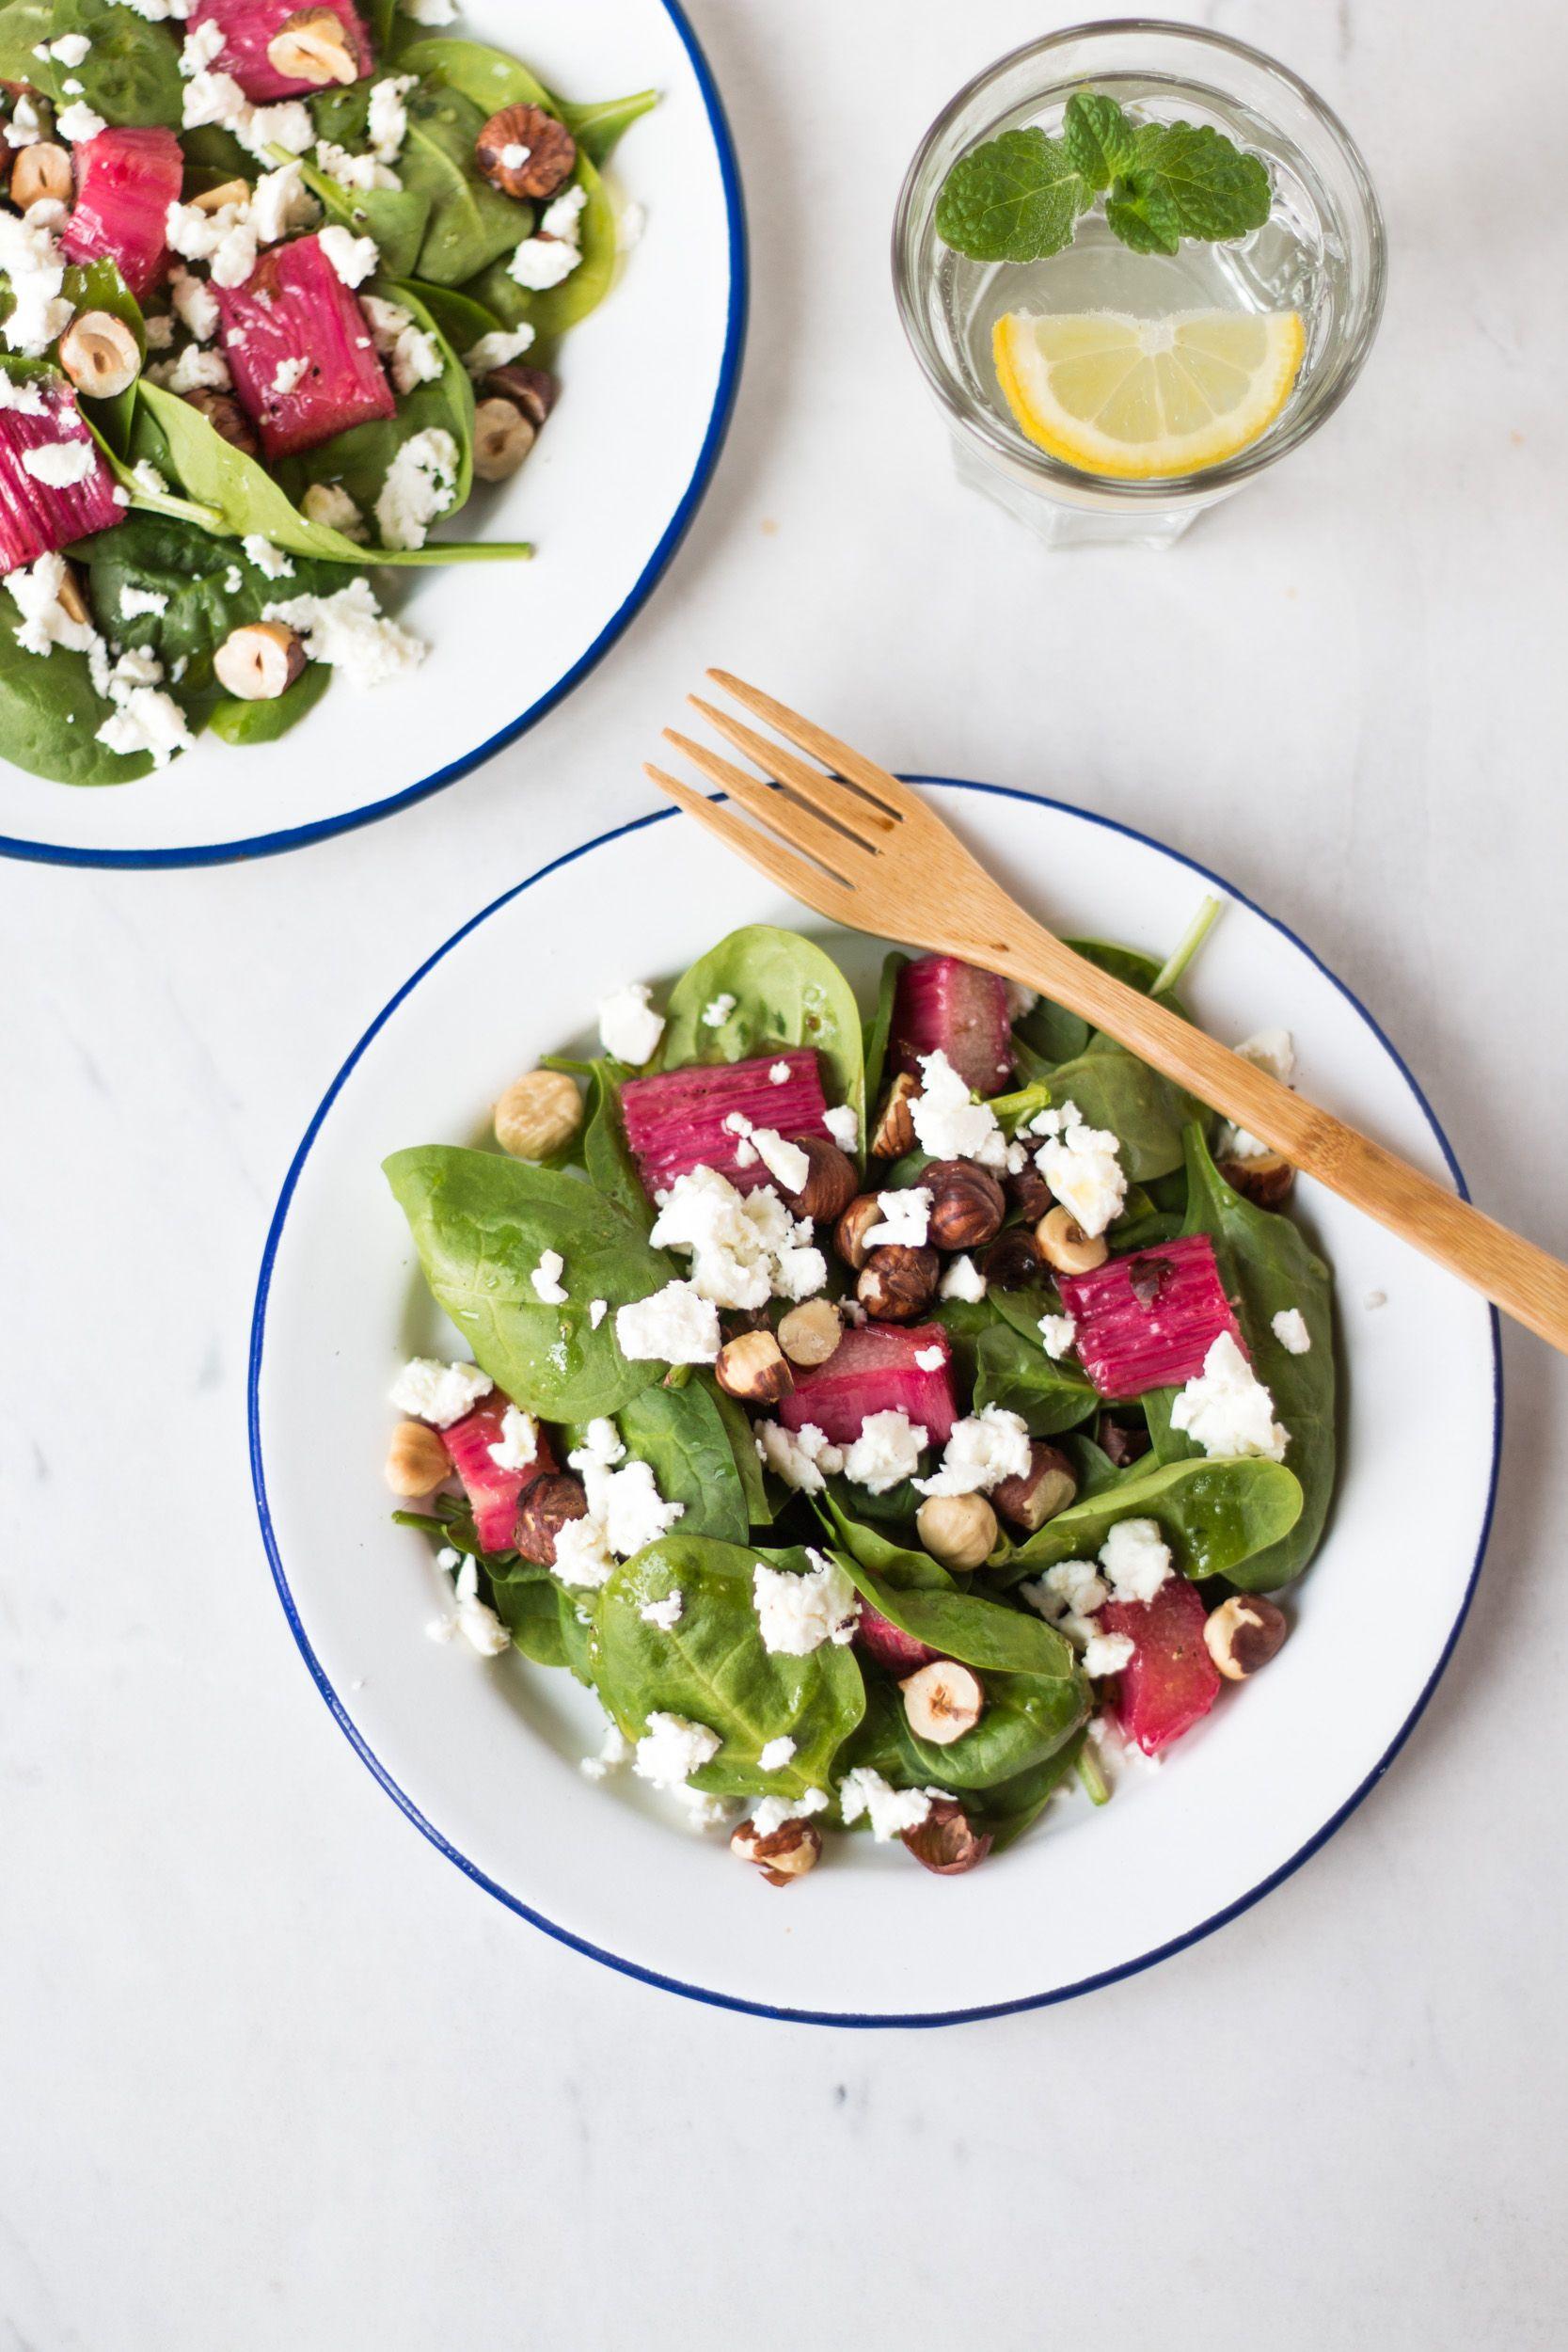 karamellisierter rhabarber spinat salat rezept salad and bowls salat spinat und spinat. Black Bedroom Furniture Sets. Home Design Ideas